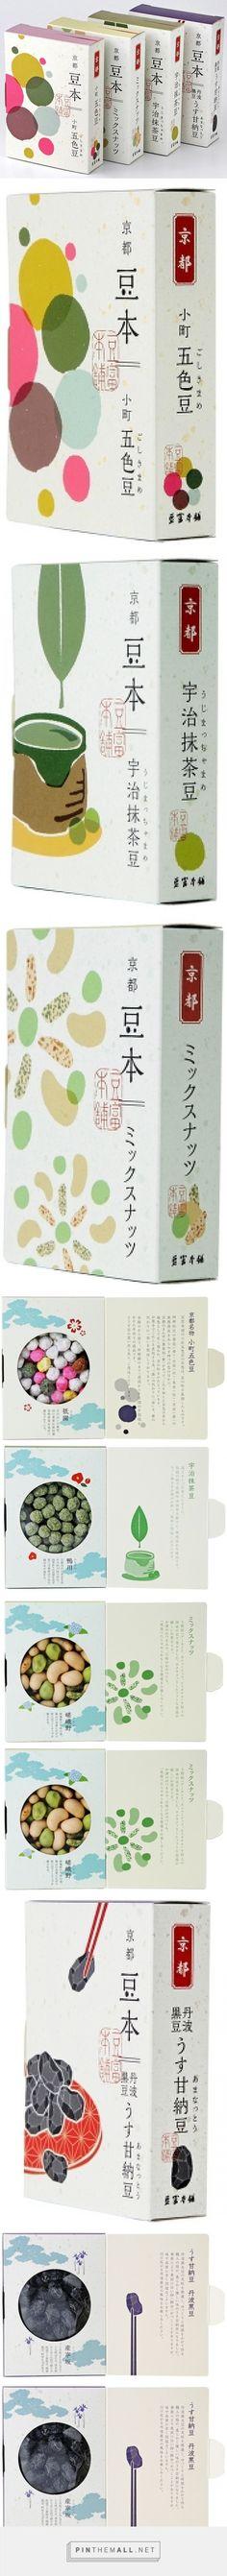 豆本シリーズ| 豆富本舗 - created via http://pinthemall.net